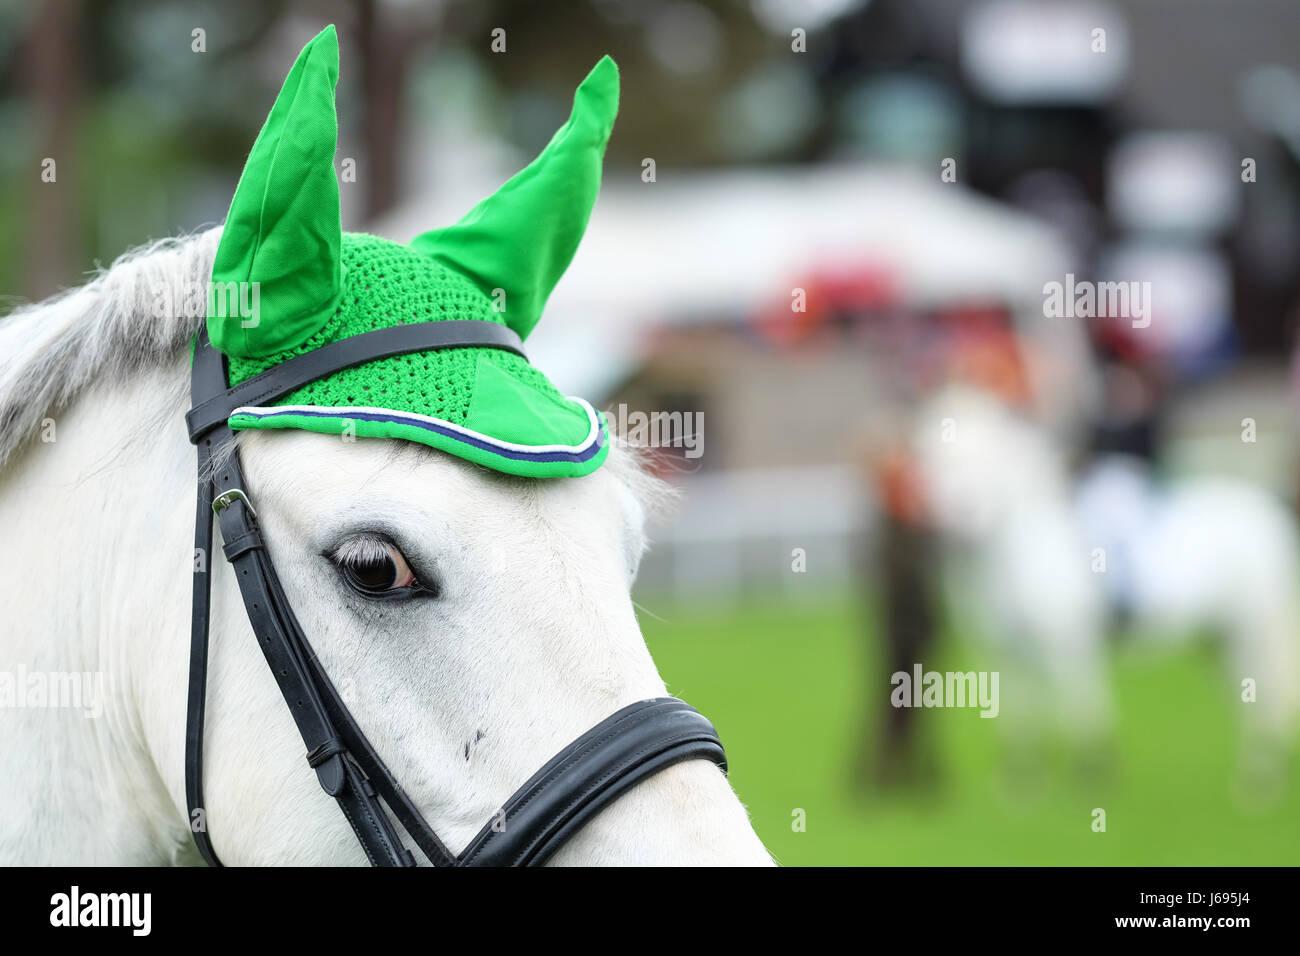 Royal Welsh Festival de Primavera, de Builth Wells, Powys, Gales - Mayo 2017 - un pony con un distintivo La oreja Imagen De Stock